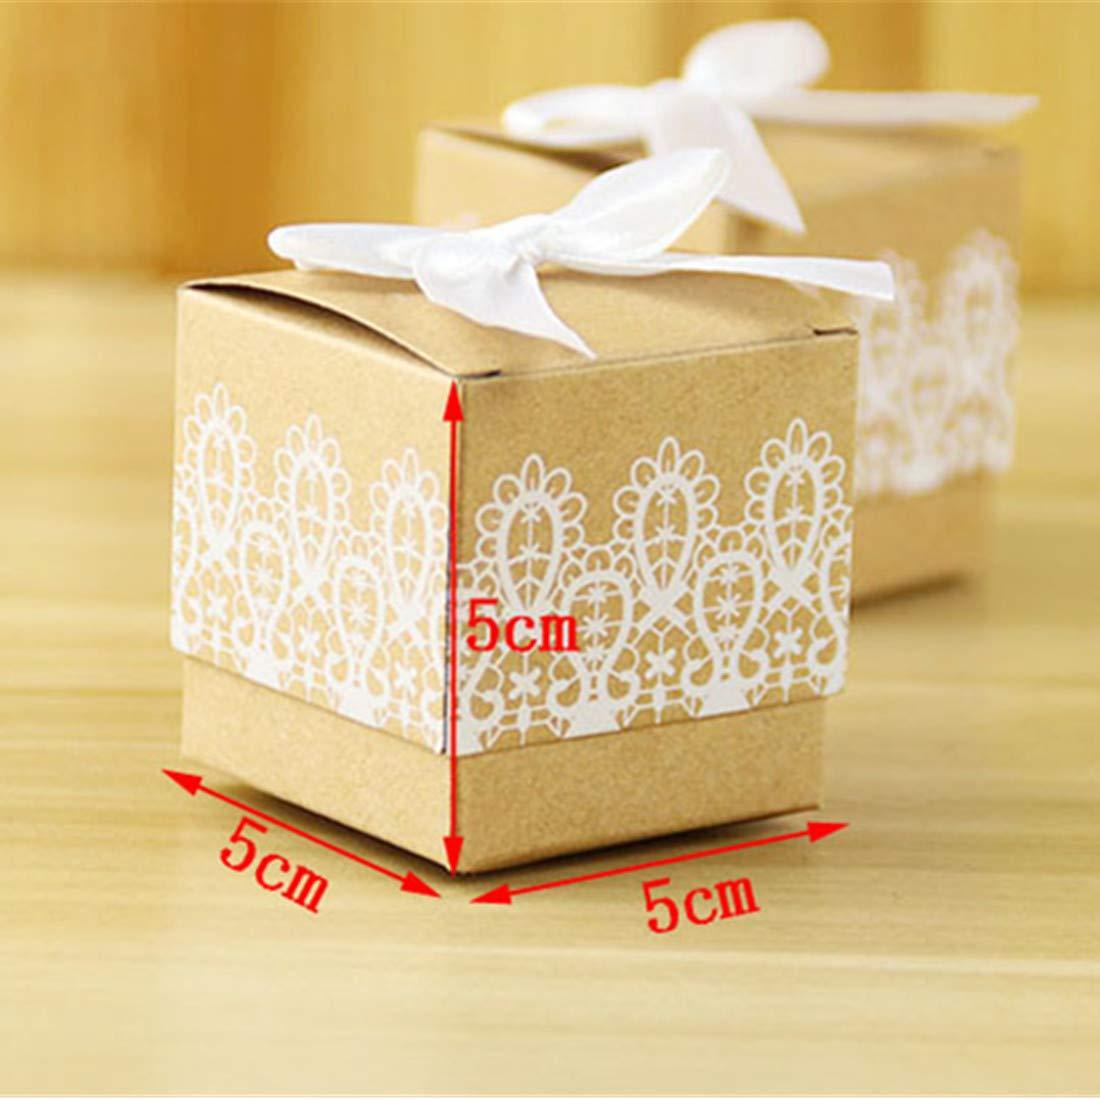 JONARO - 100 Cajas de Papel para Dulces con Lazo de Encaje, Caja de Regalo para cumpleaños, Bodas, Fiestas, Recuerdos: Amazon.es: Hogar